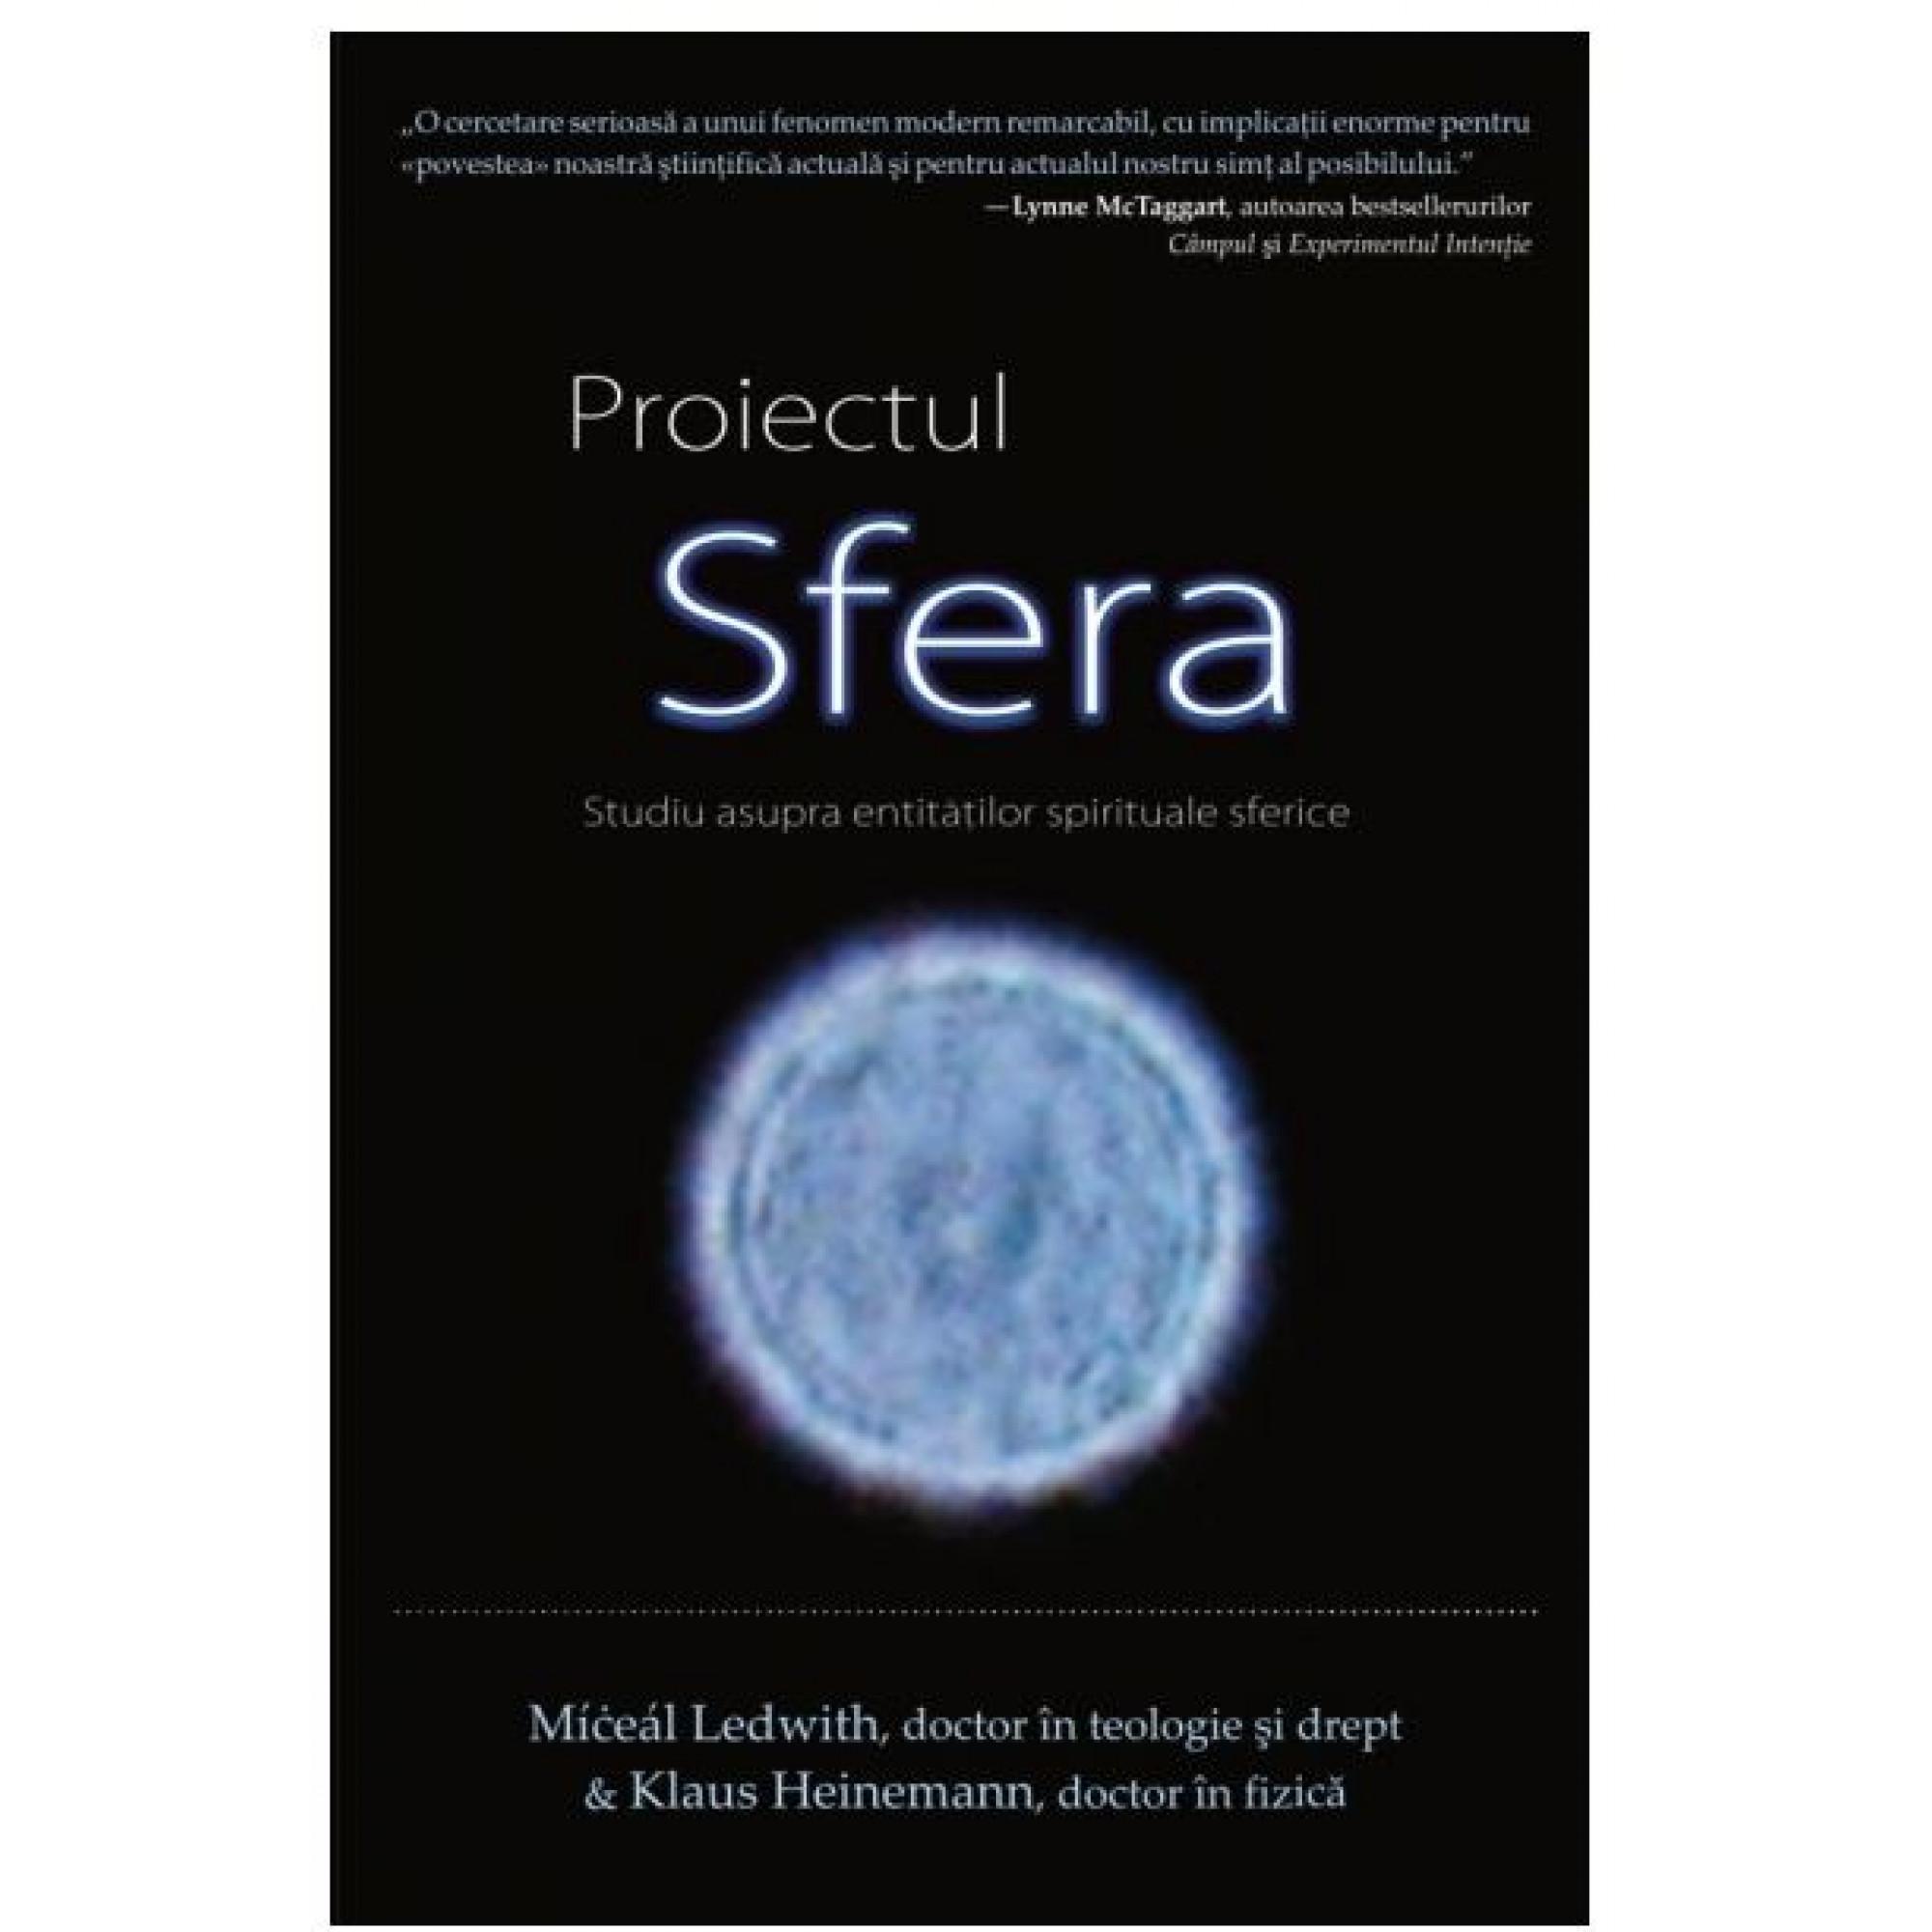 Proiectul SFERA. Studiu asupra entităţilor spirituale sferice